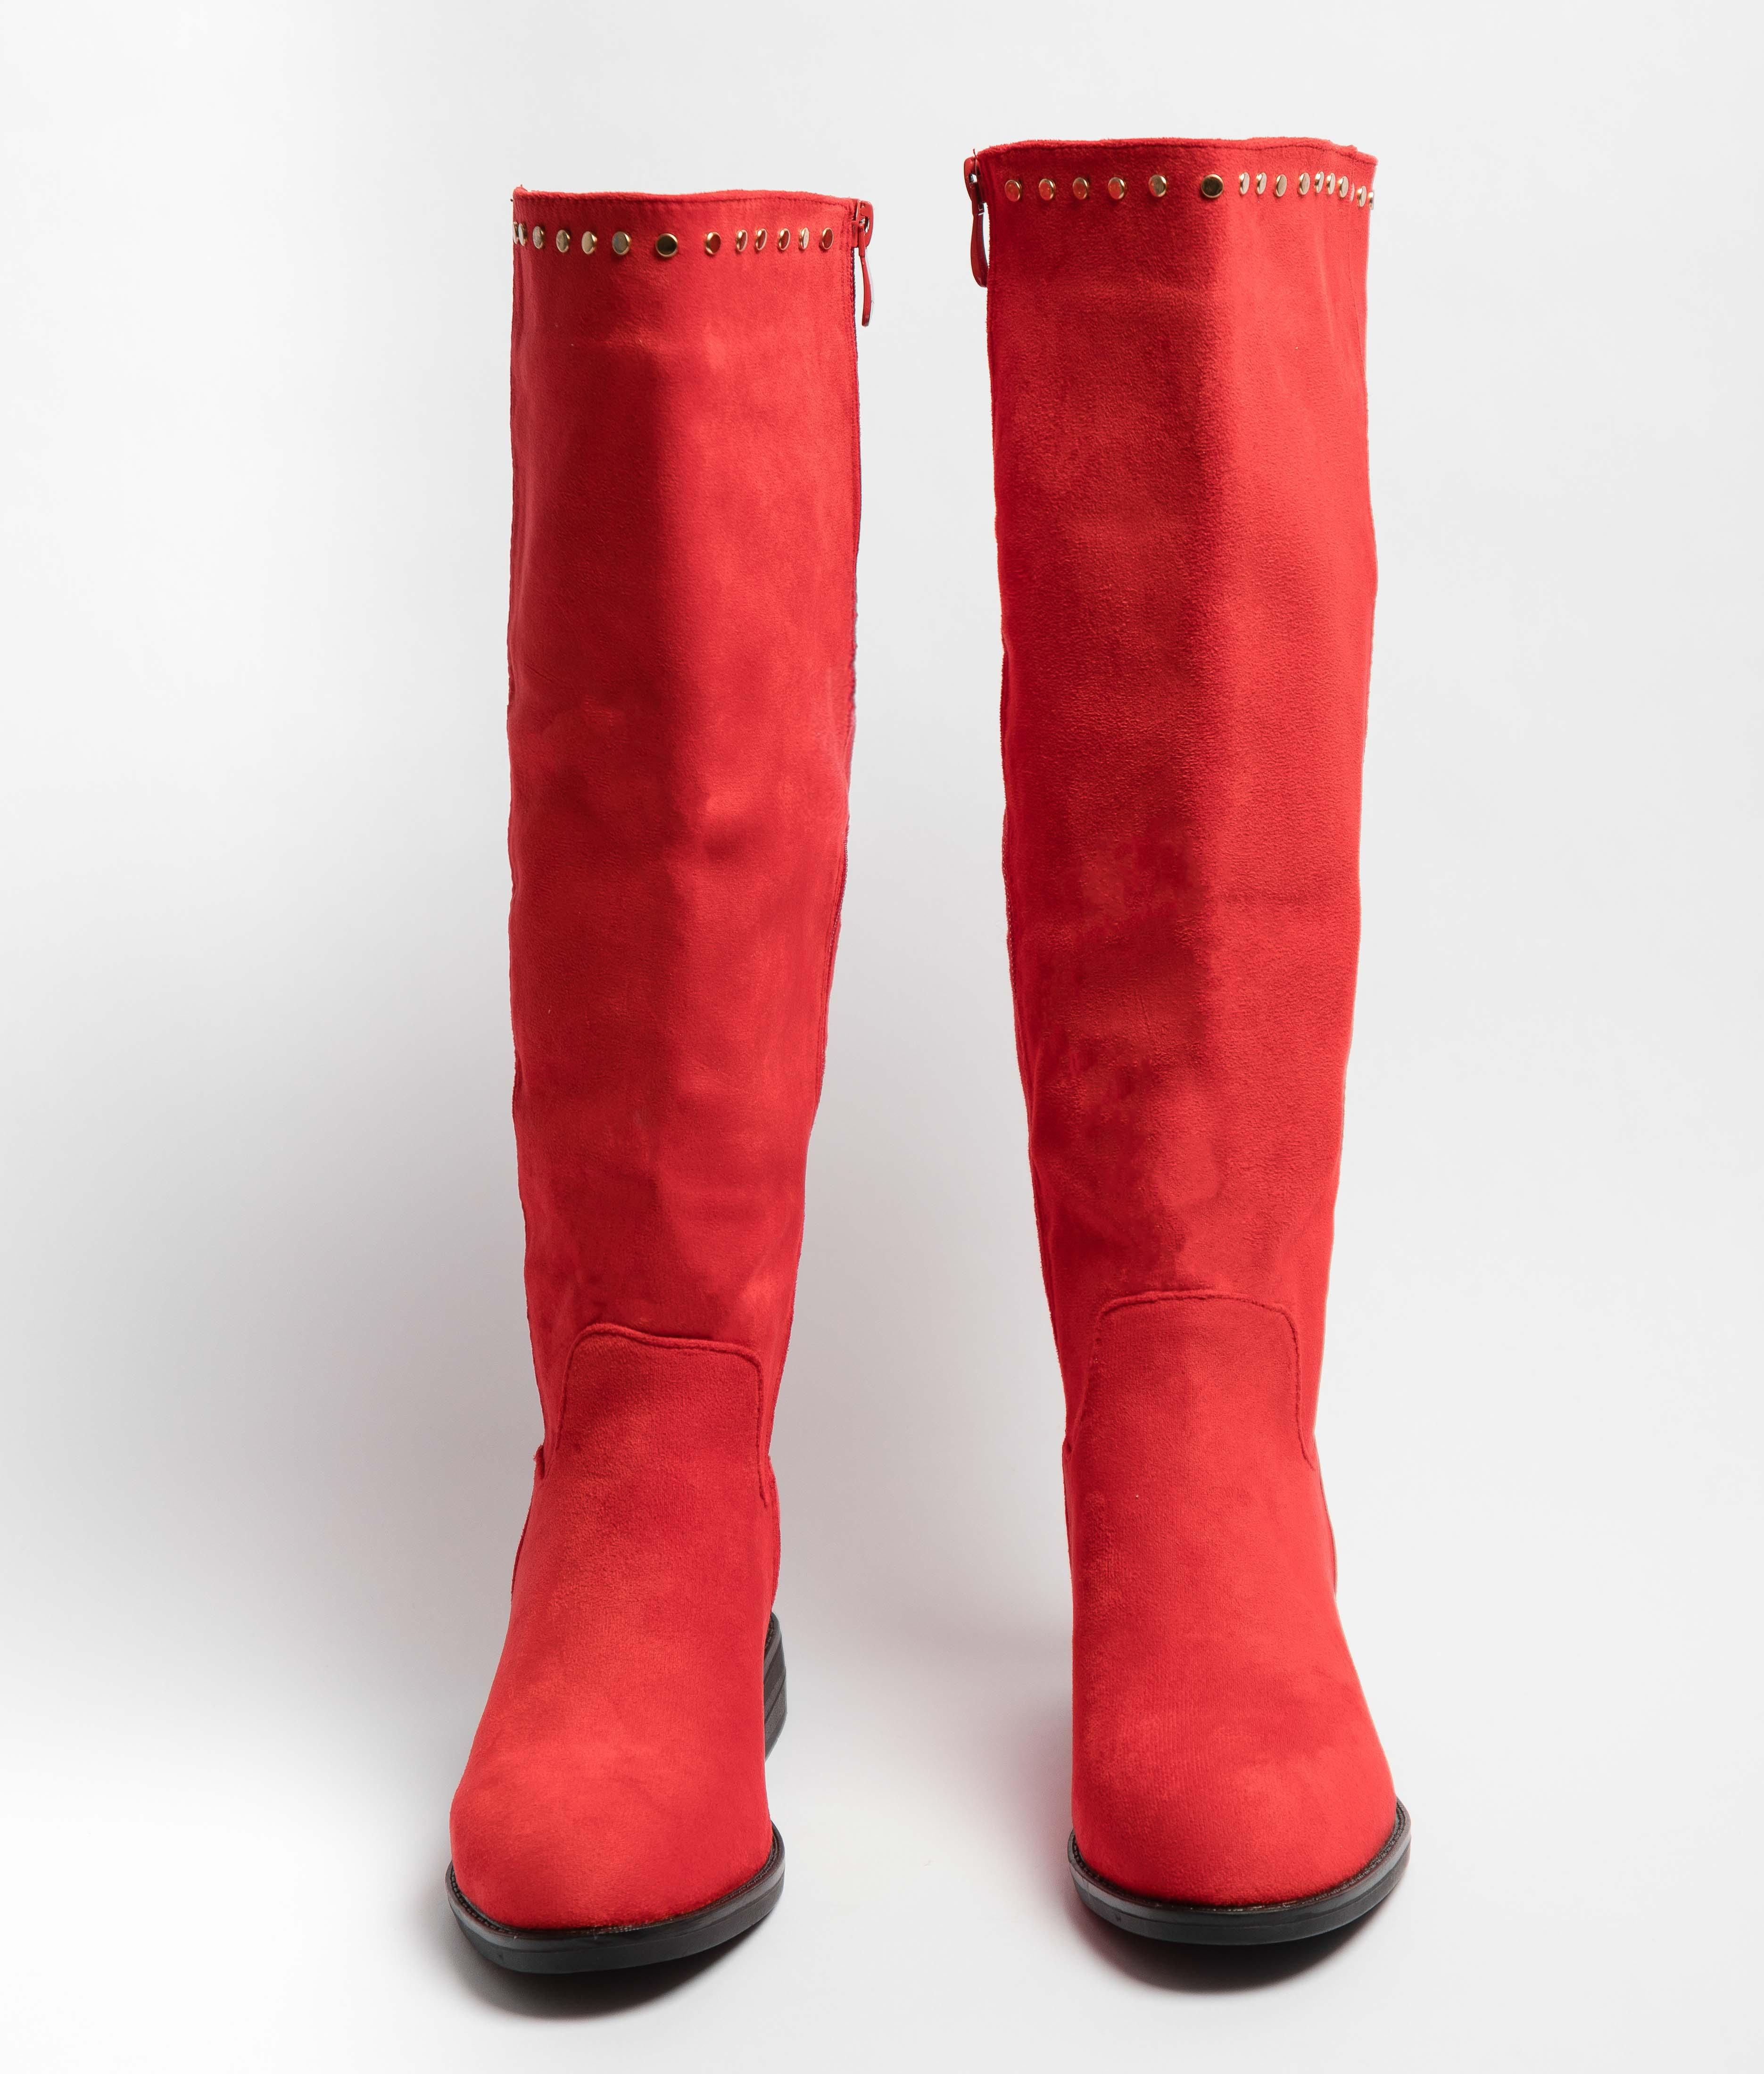 Botte Cuissarde Kady - Rojo